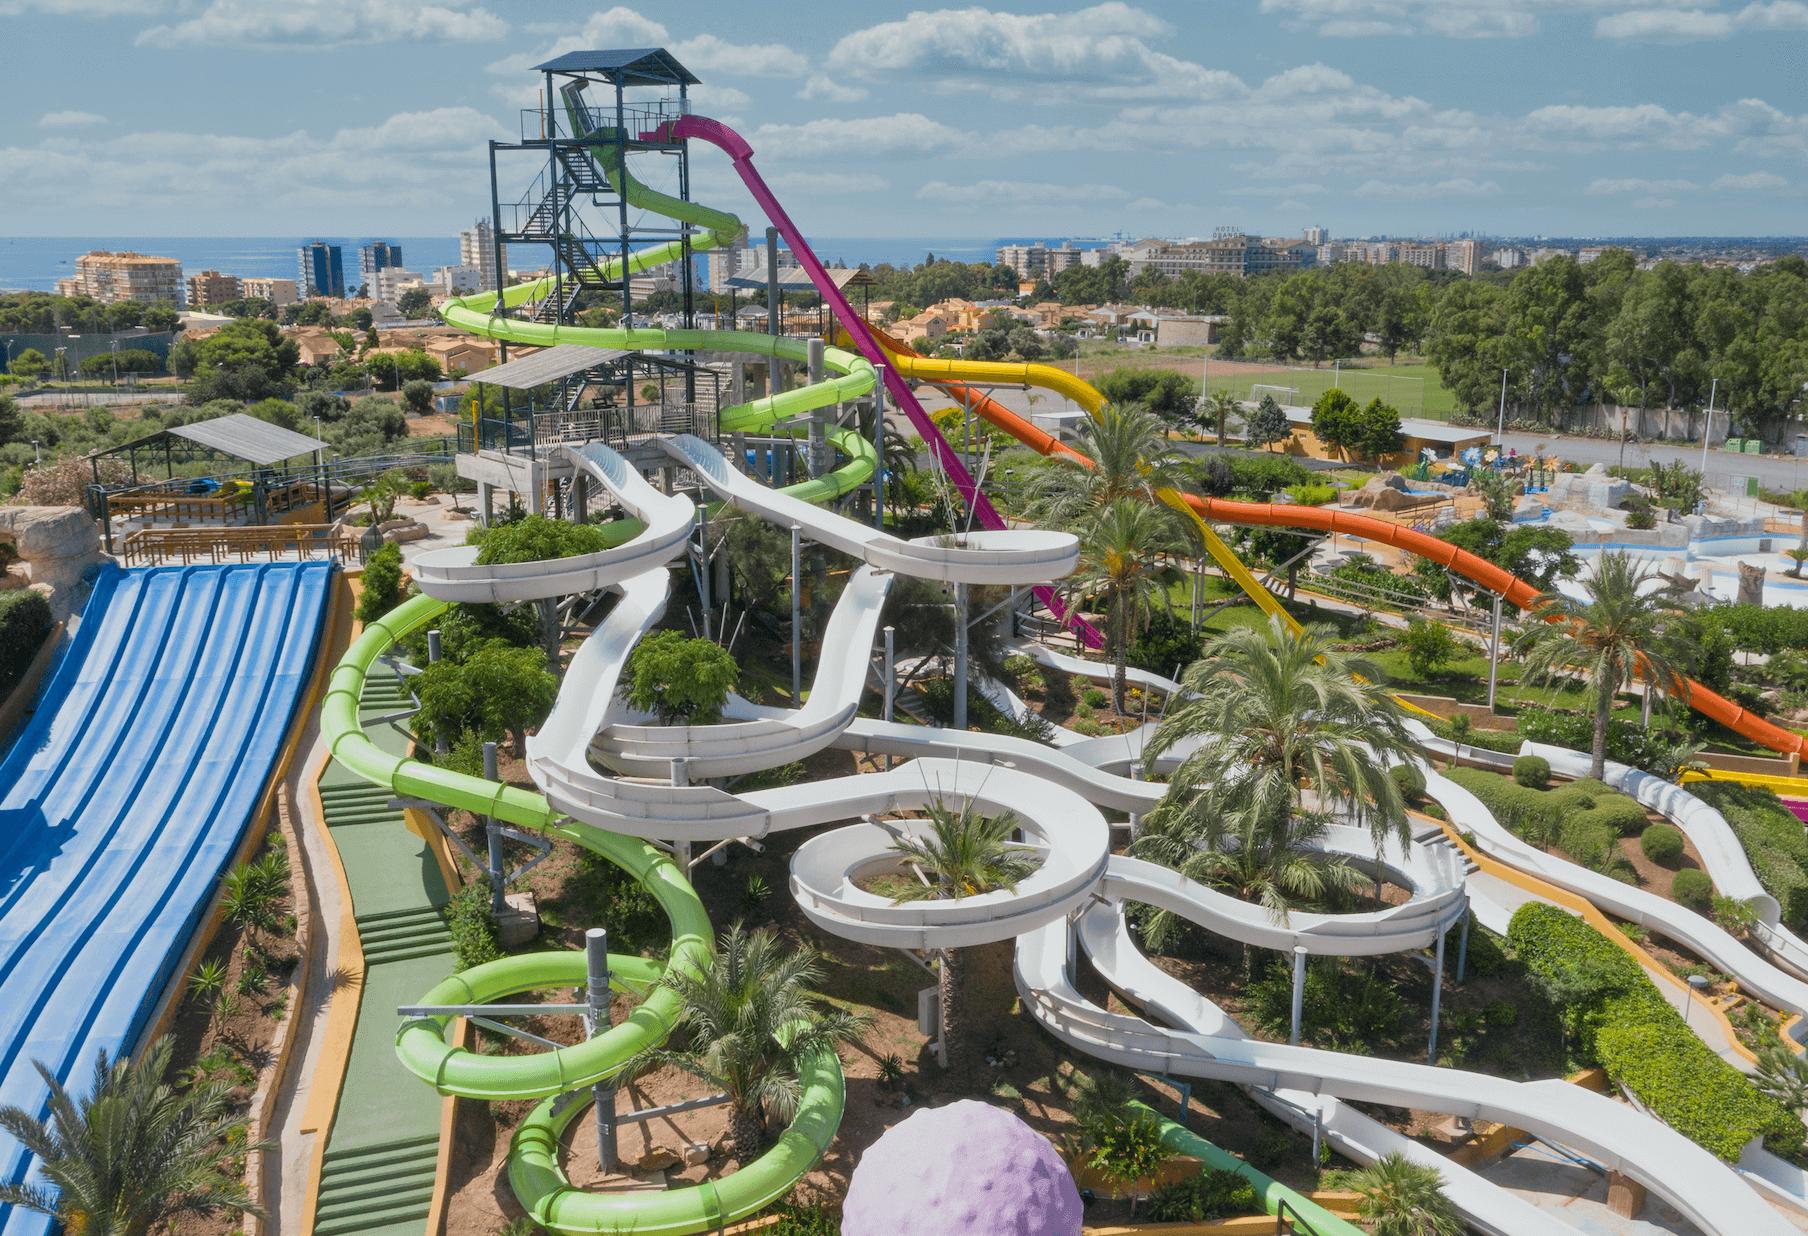 Fotografía aérea del Parque Acuático Aquarama, Benicàssim